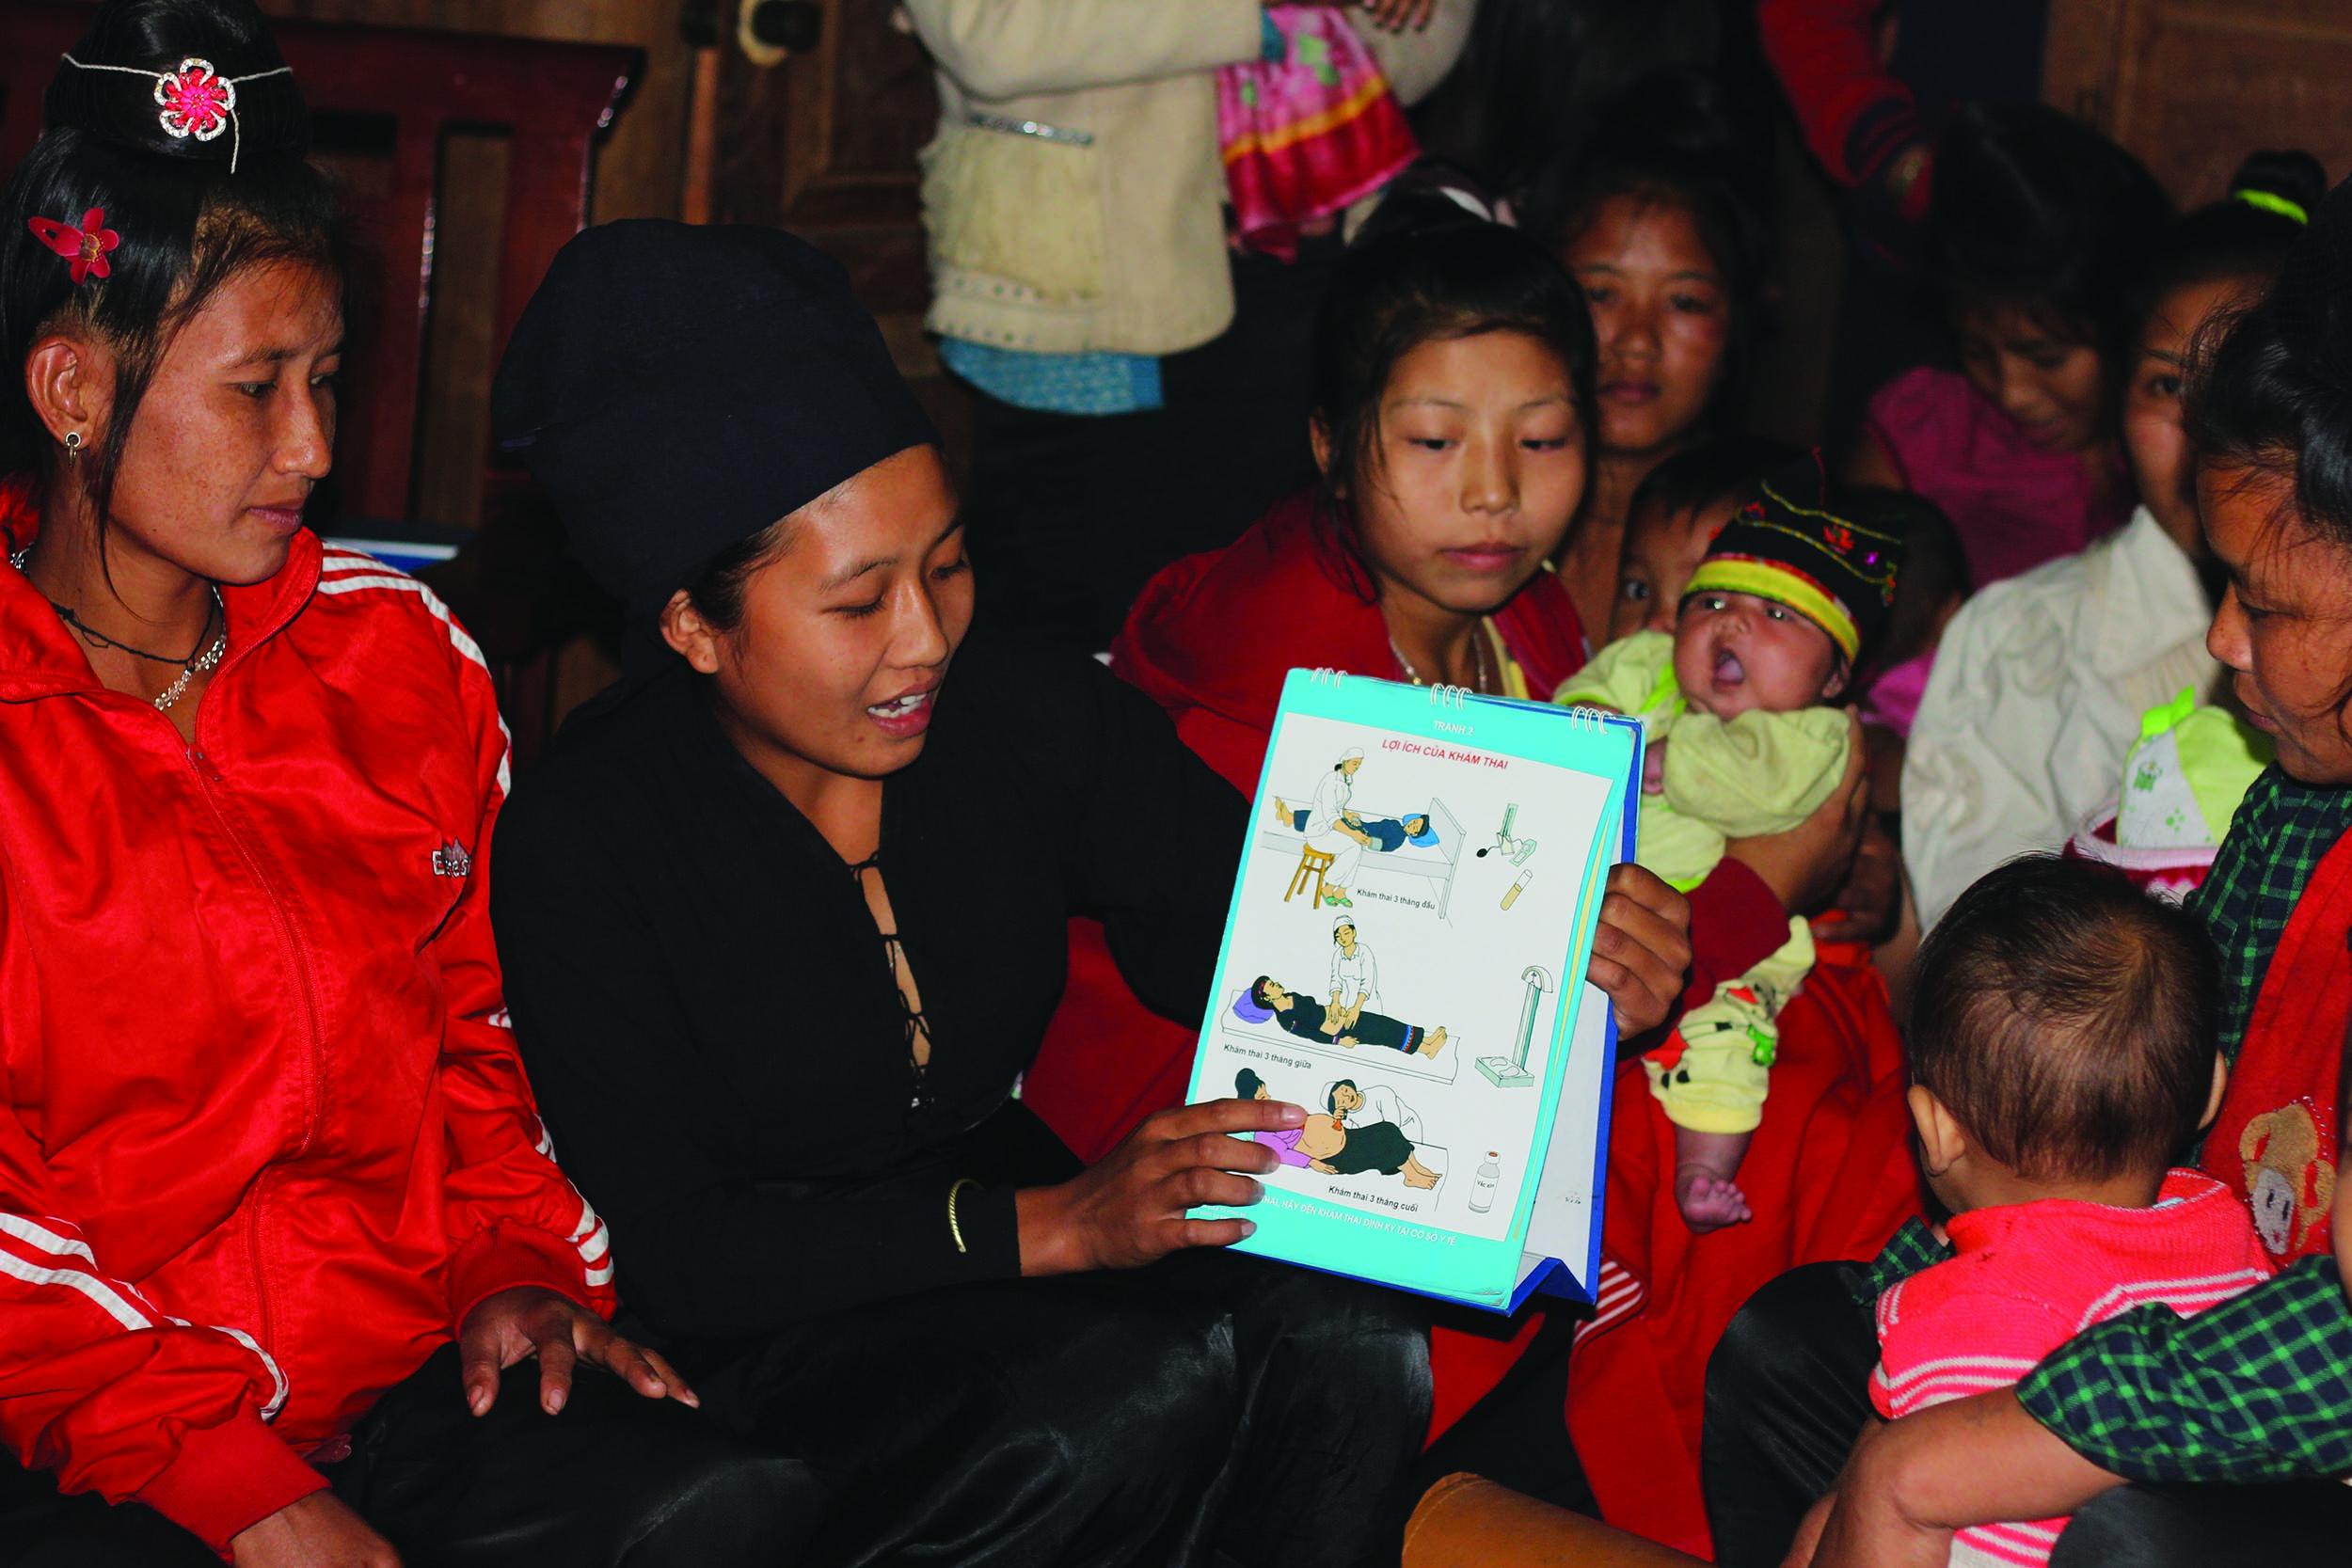 Cán bộ y tế tuyên truyền về chăm sóc sức khỏe cho đồng bào dân tộc Cống, xã Pa Tần, huyện Nậm Pồ, tỉnh Điện Biên.